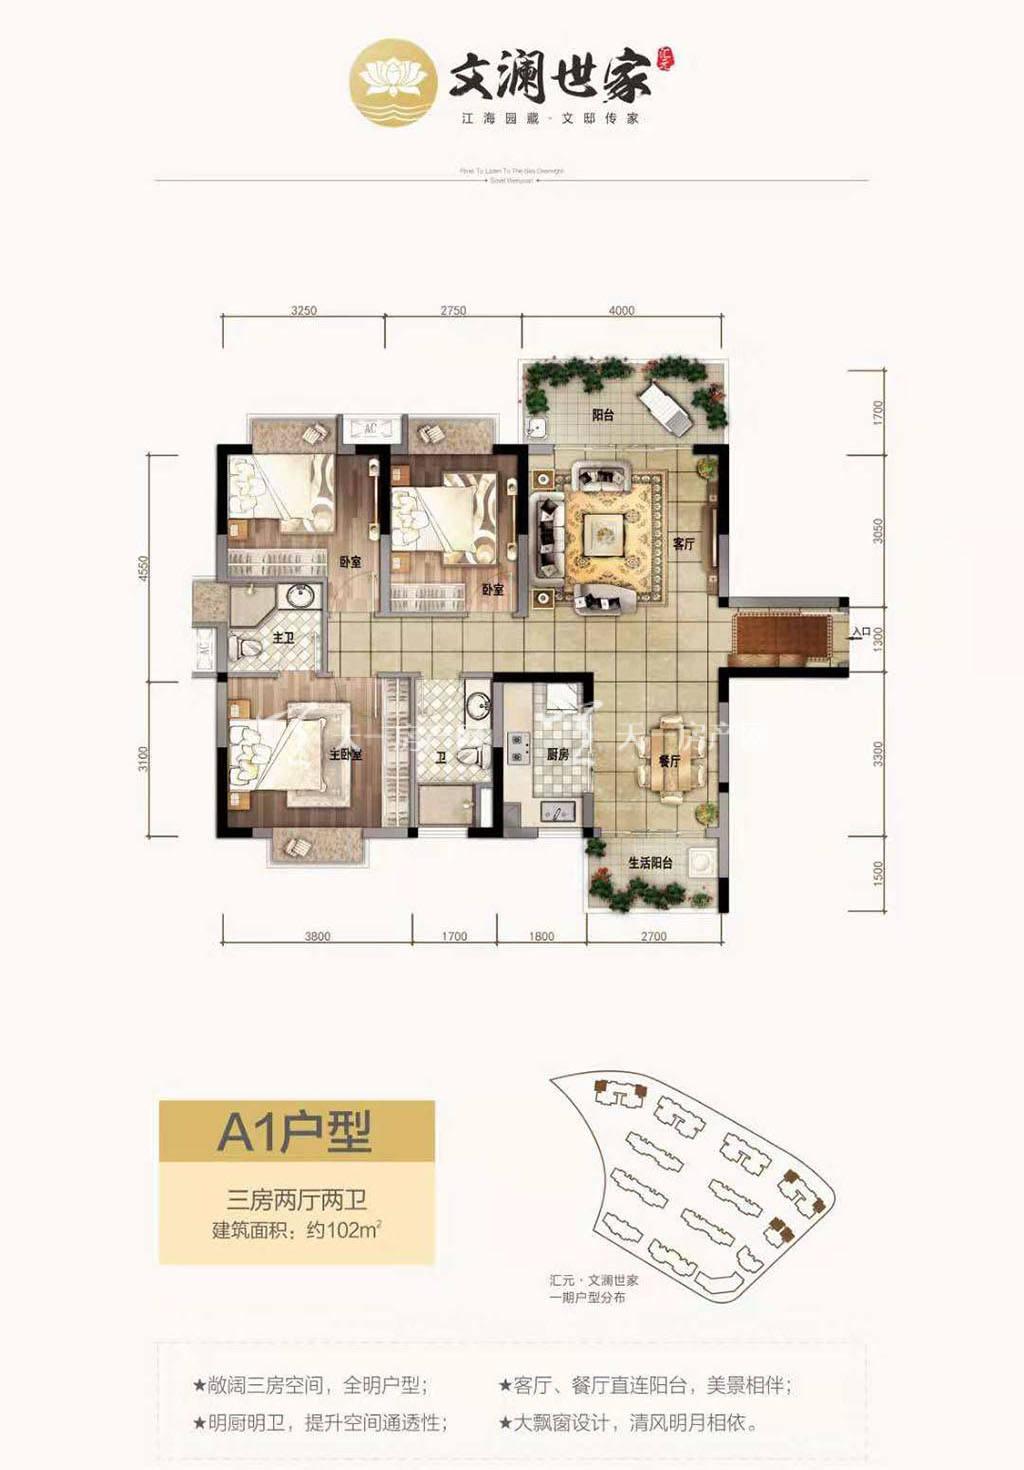 汇元文澜世家A1三房两厅 建筑面积102㎡